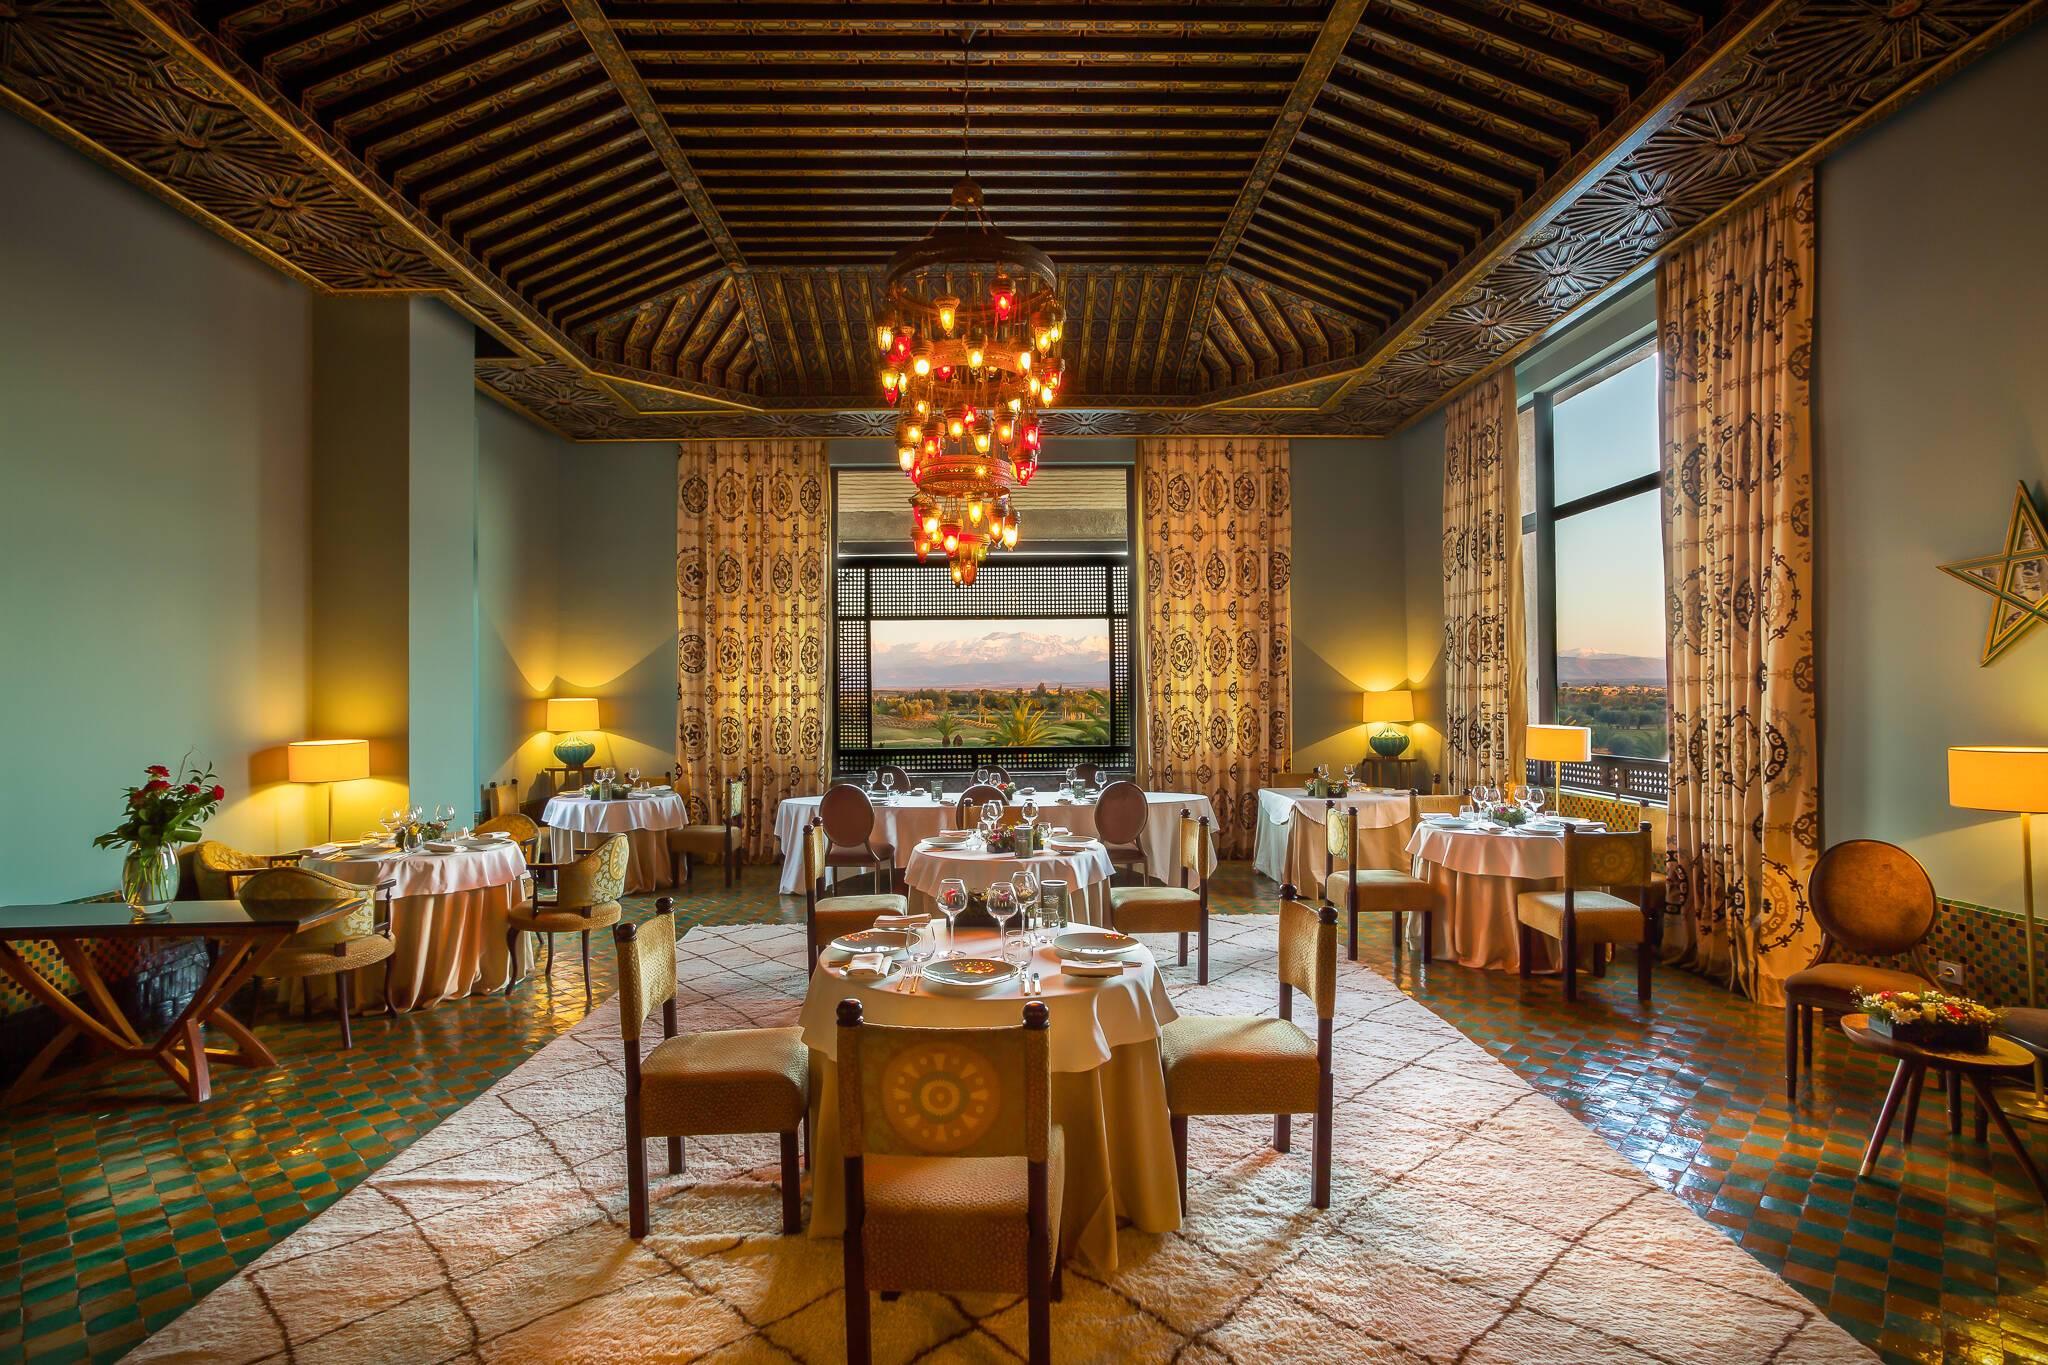 Fairmont Royal Palm Restaurant Al Ain Marrakech